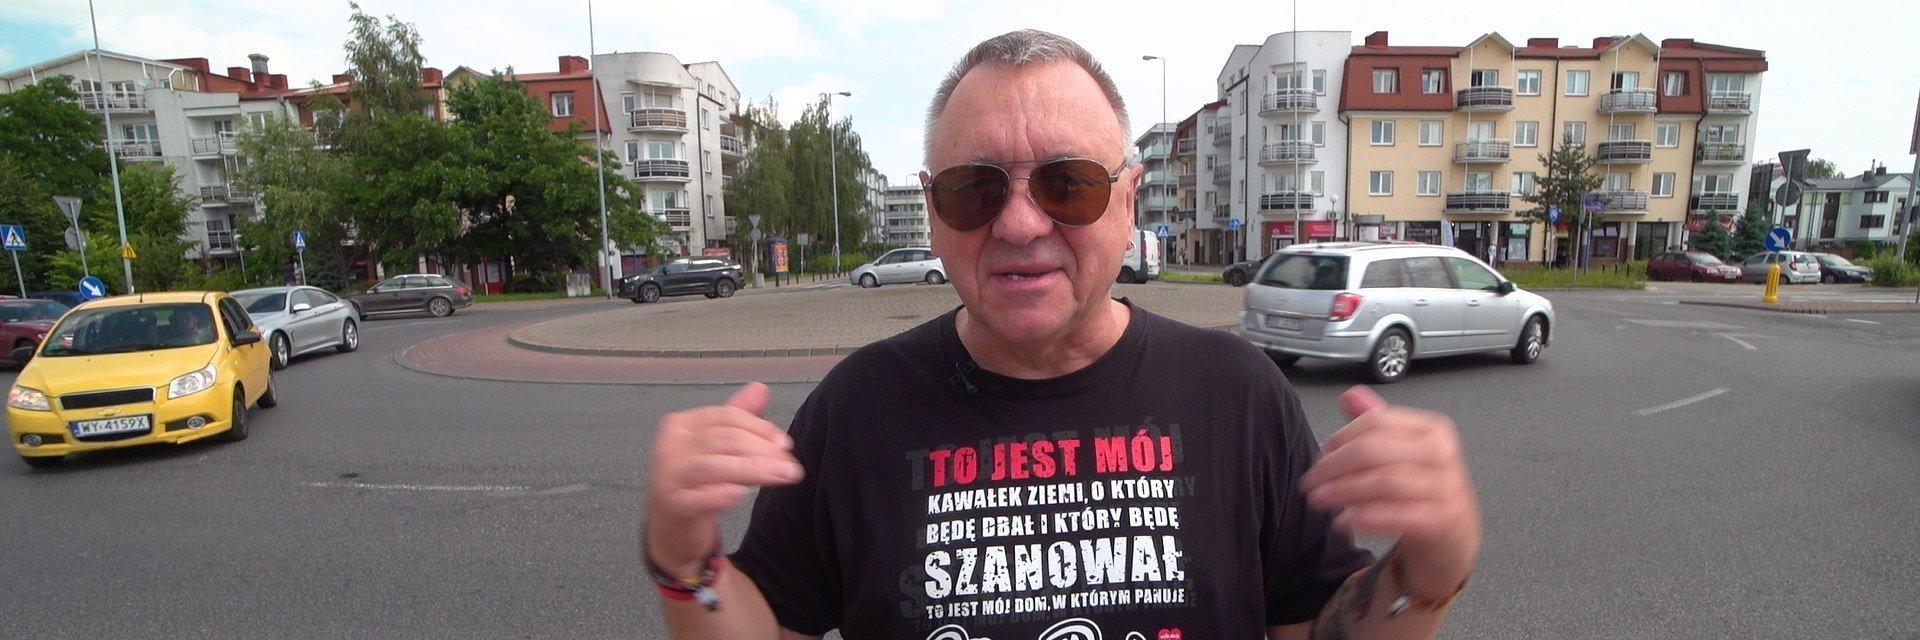 Ronda imienia Wielkiej Orkiestry Świątecznej Pomocy w Białej Podlaskiej i Warszawie